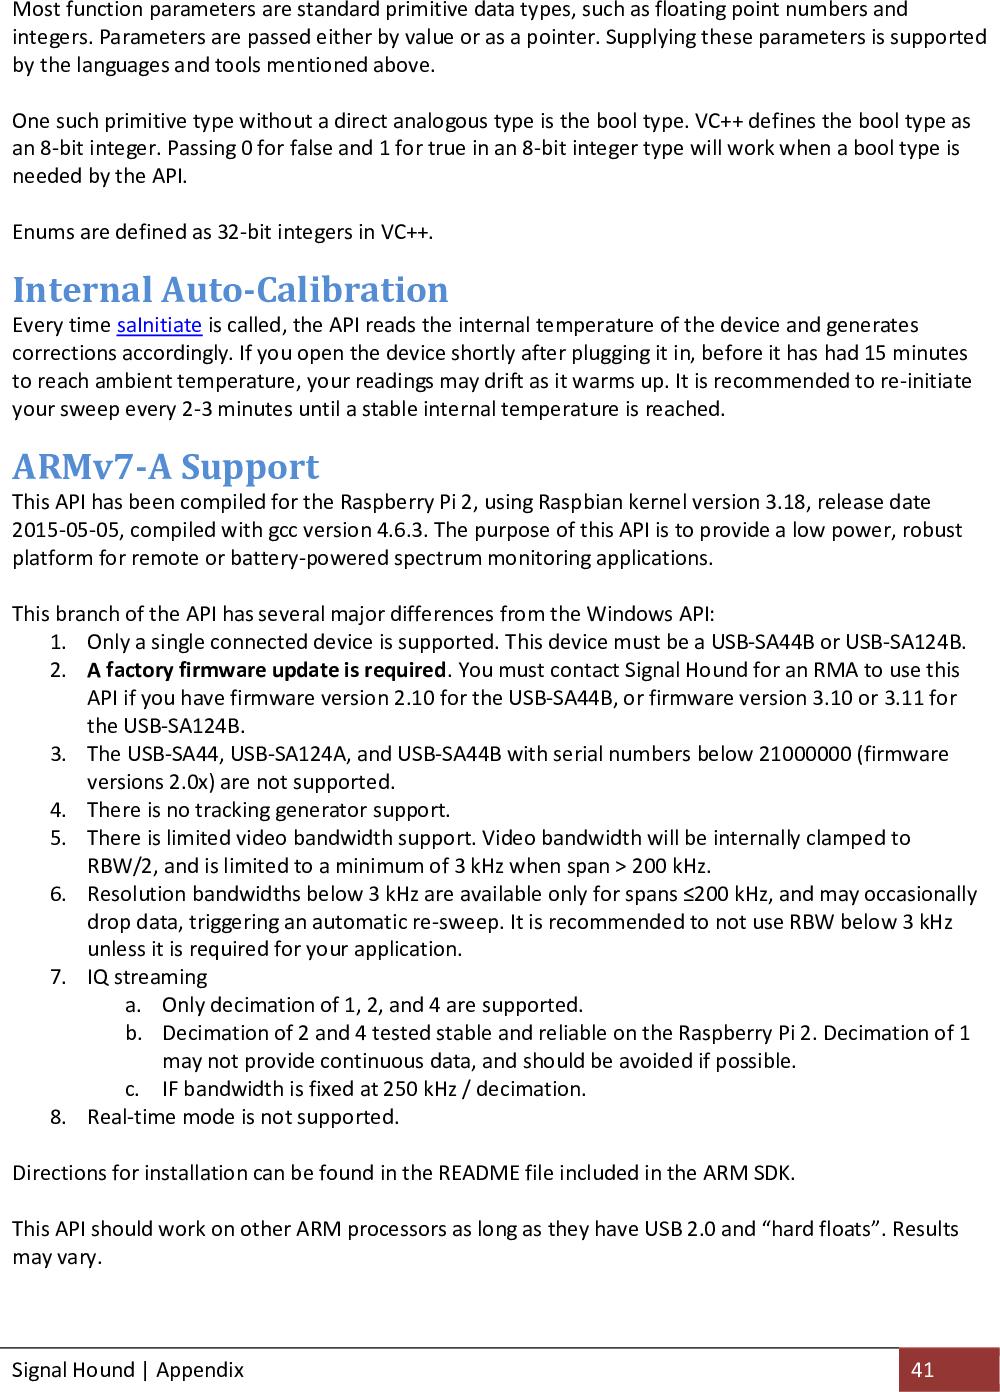 SA44 And SA124 Application Programming Interface(API) SA API Manual